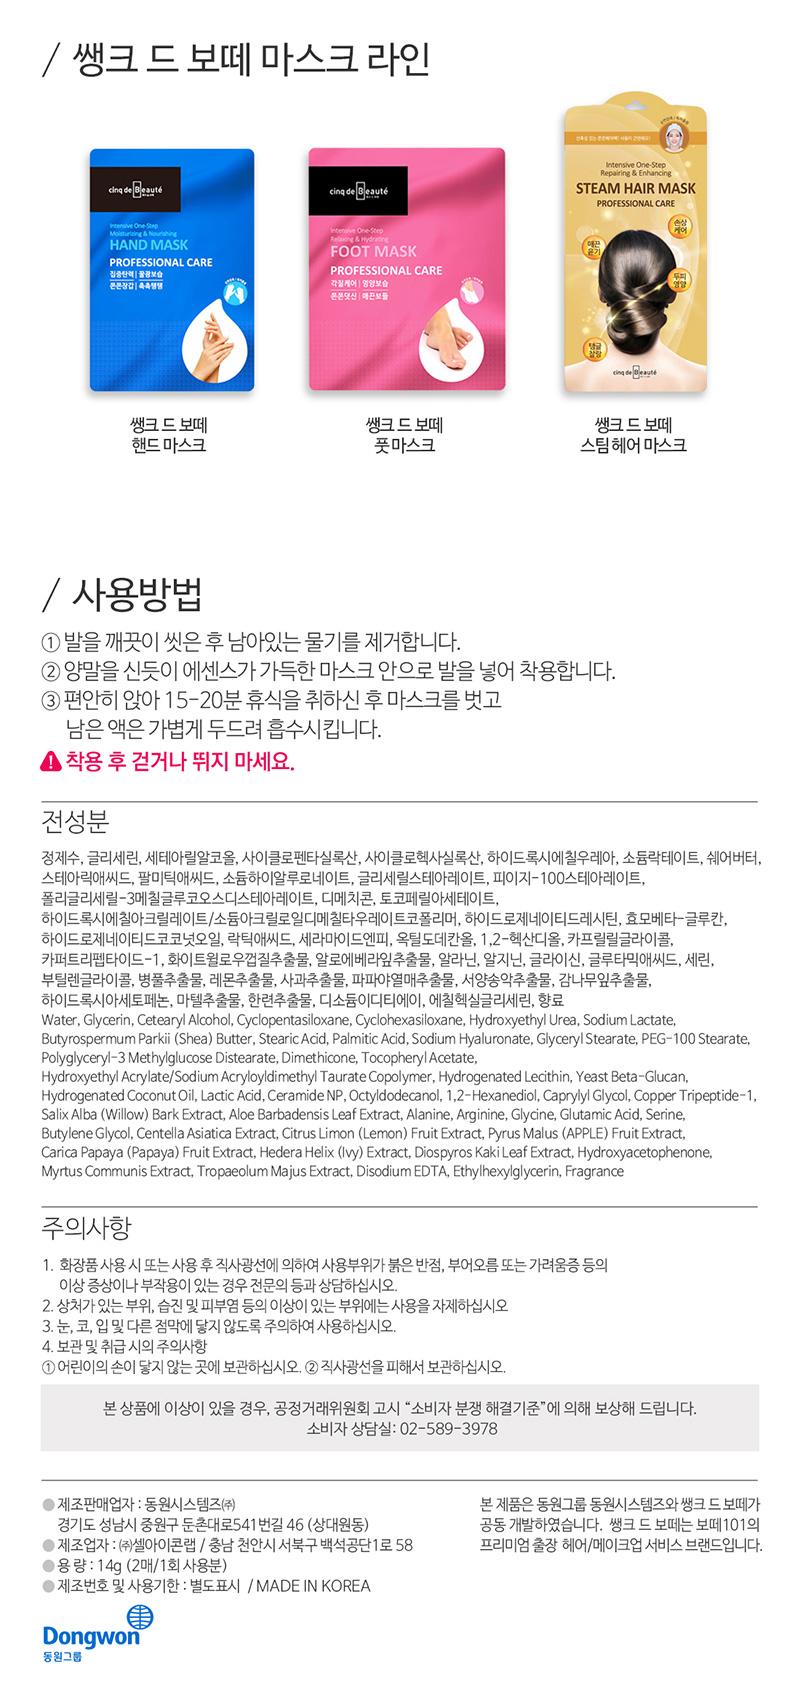 쌩크드보떼 발팩(인케이스포함)